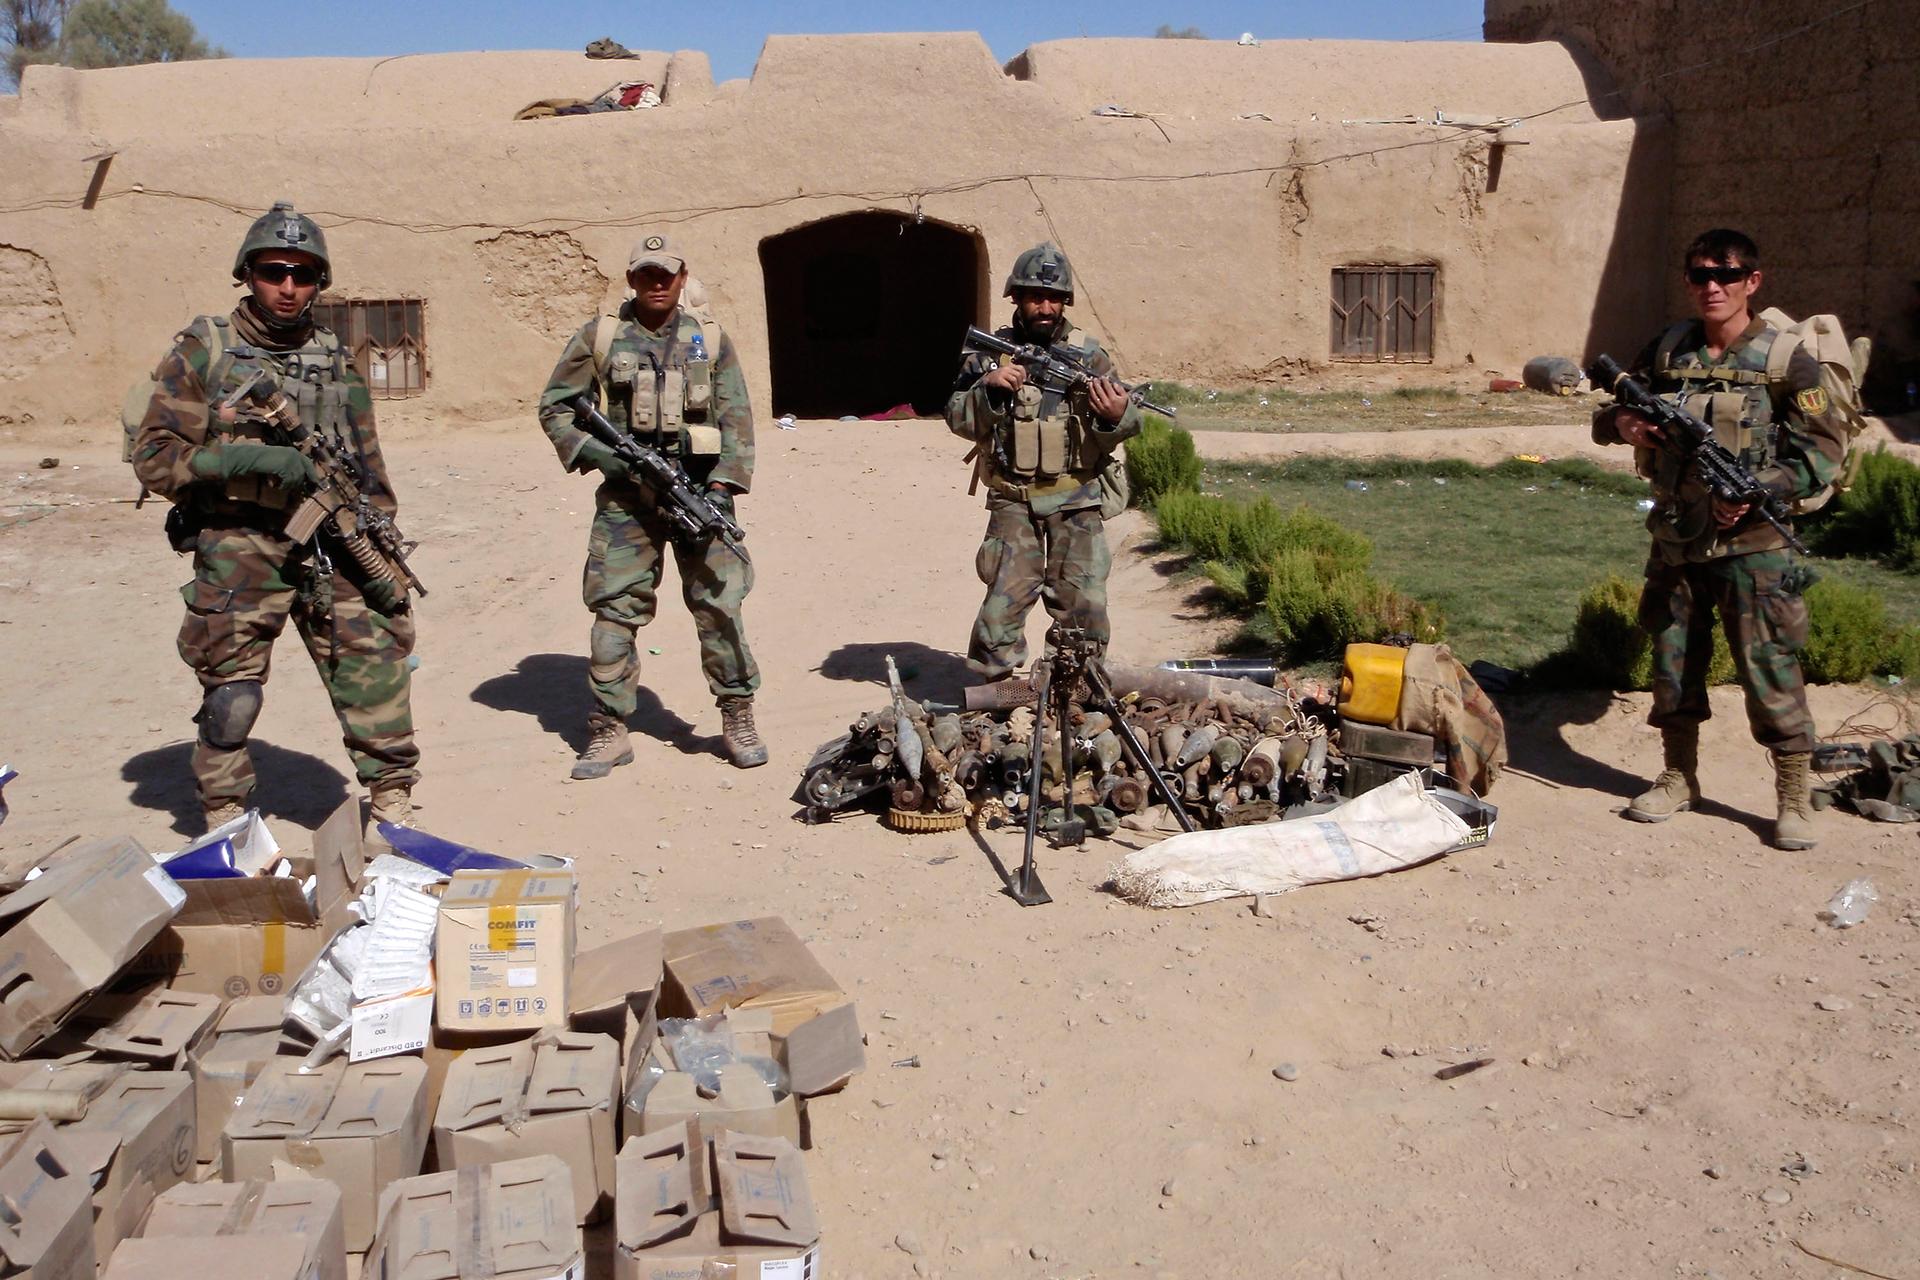 Zdjęcie przedstawia przechwycenie nielegalnej broni. Słoneczny letni dzień. 4 żołnierzy pilnuje przechwyconą broń wmałej wiosce na Bliskim Wschodzie. Na pierwszym planie pudełka znielegalną bronią. Na placu przed wiejskim glinianym domem żołnierze stoją trzymając karabiny.